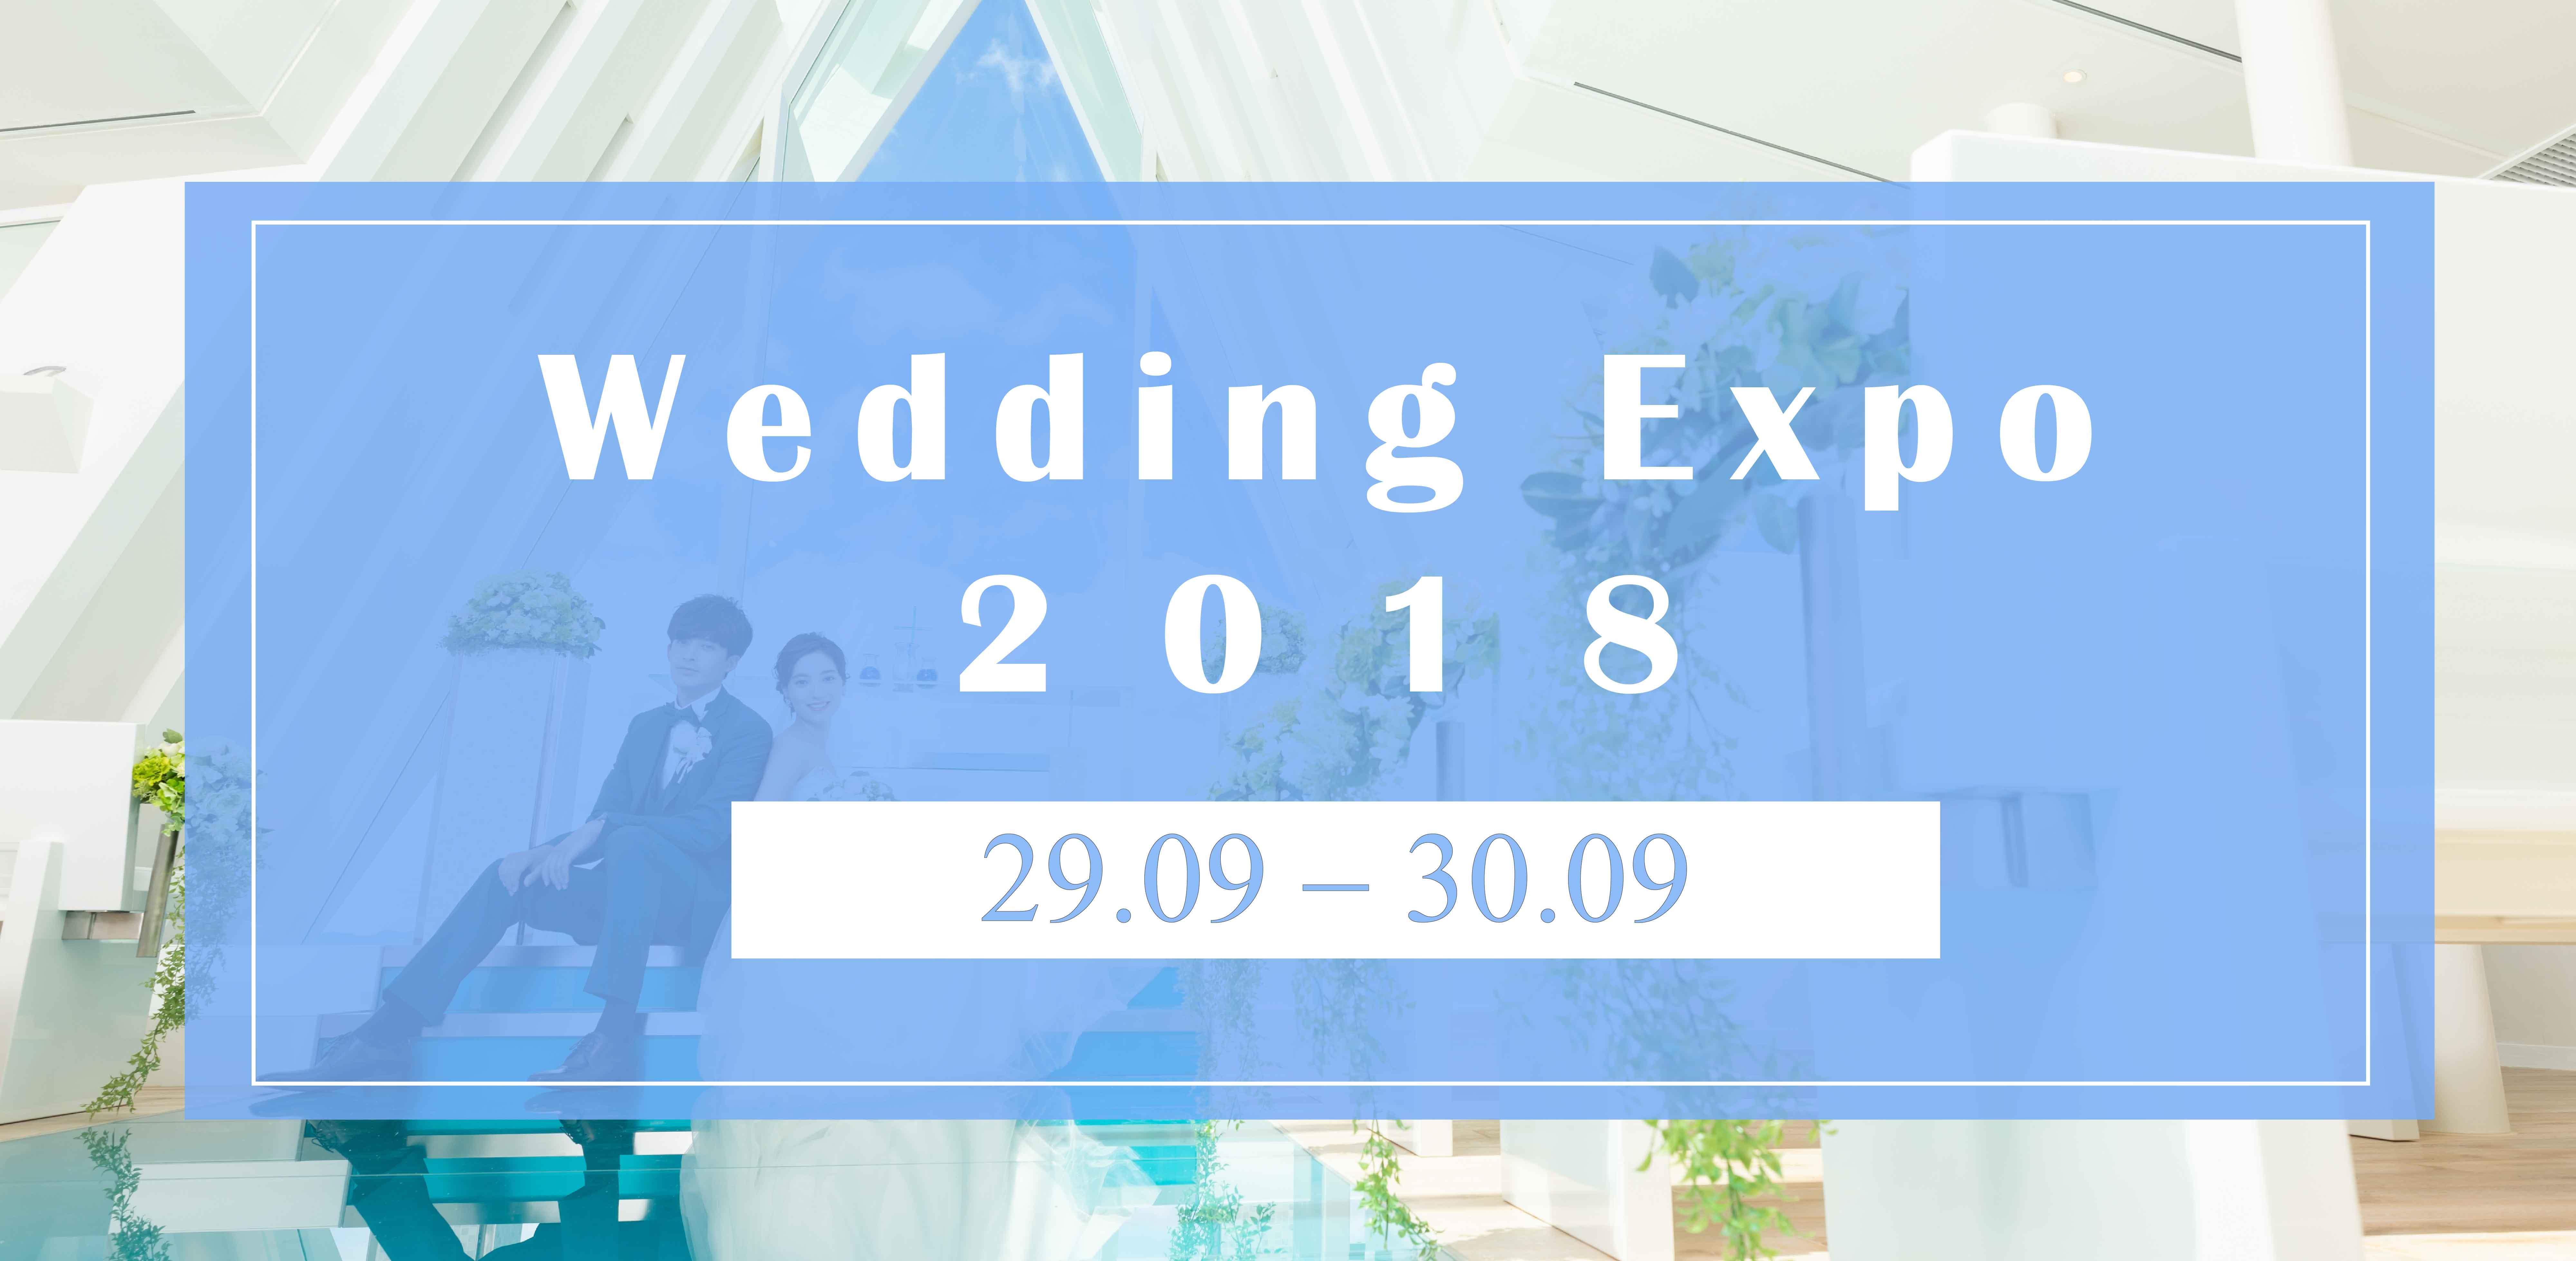 2018年9月九龍灣婚展會 – 展貿廳2 U06